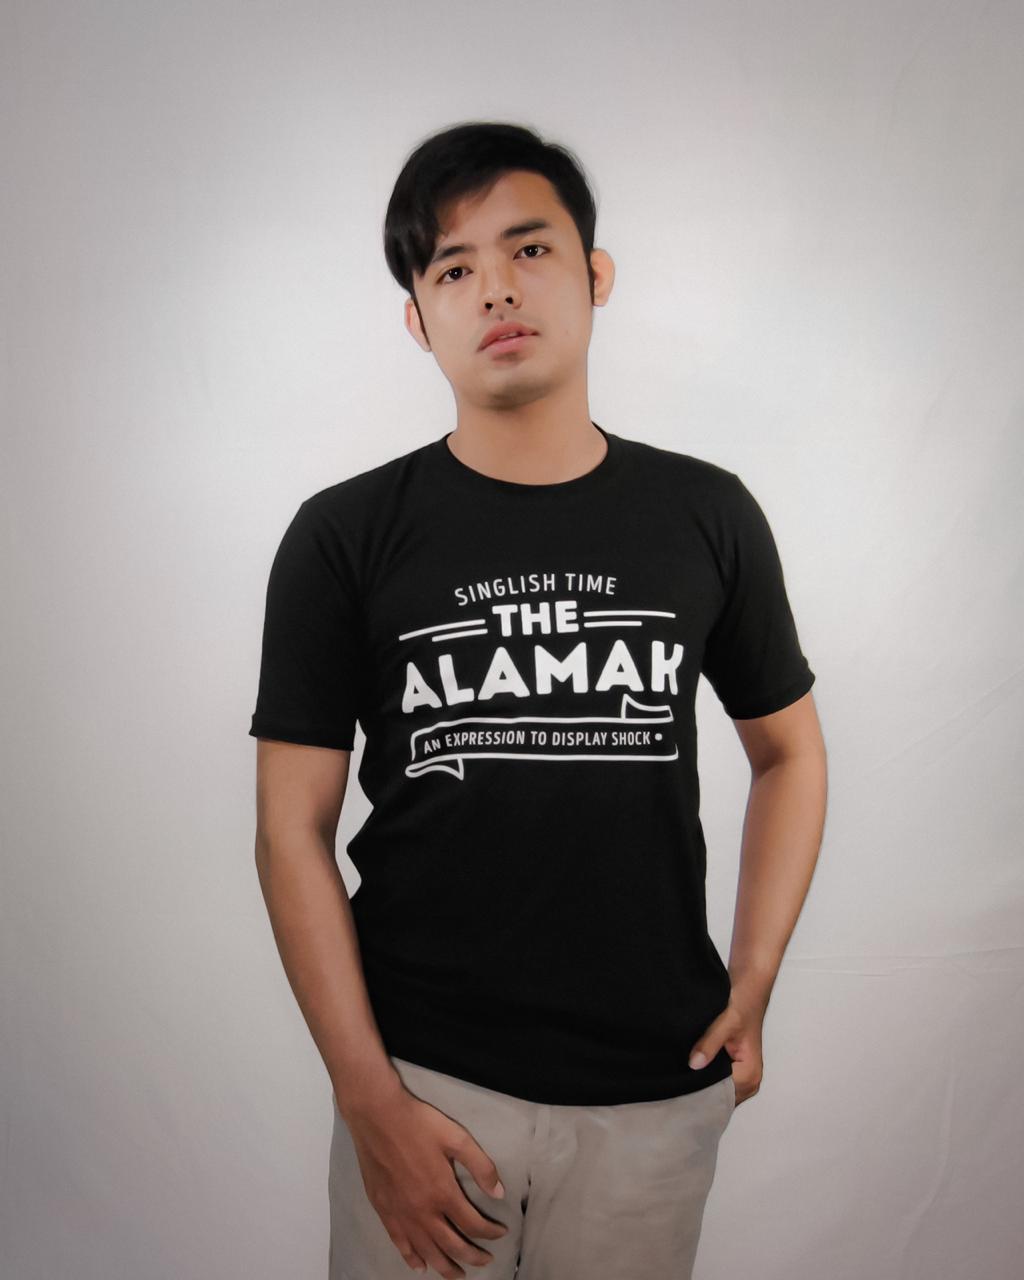 SGB Merchandise T-Shirt 4 Lengan Pendek